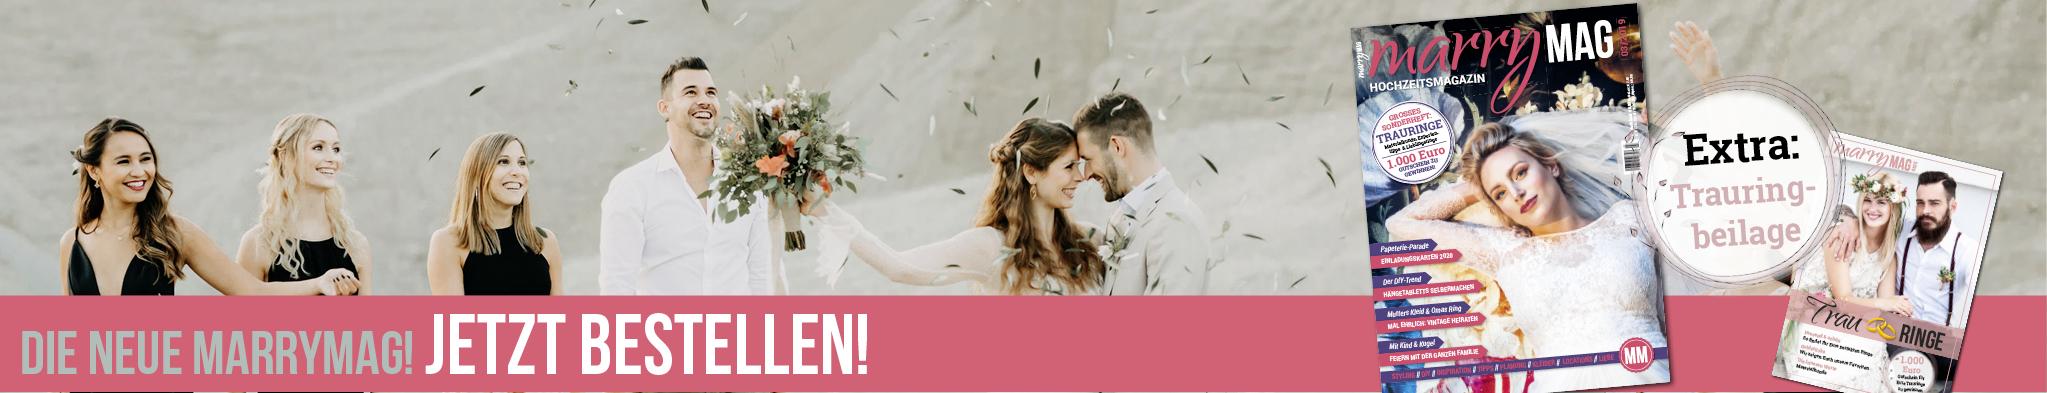 Hochzeitsblog marryMAG | Der Hochzeitsblog